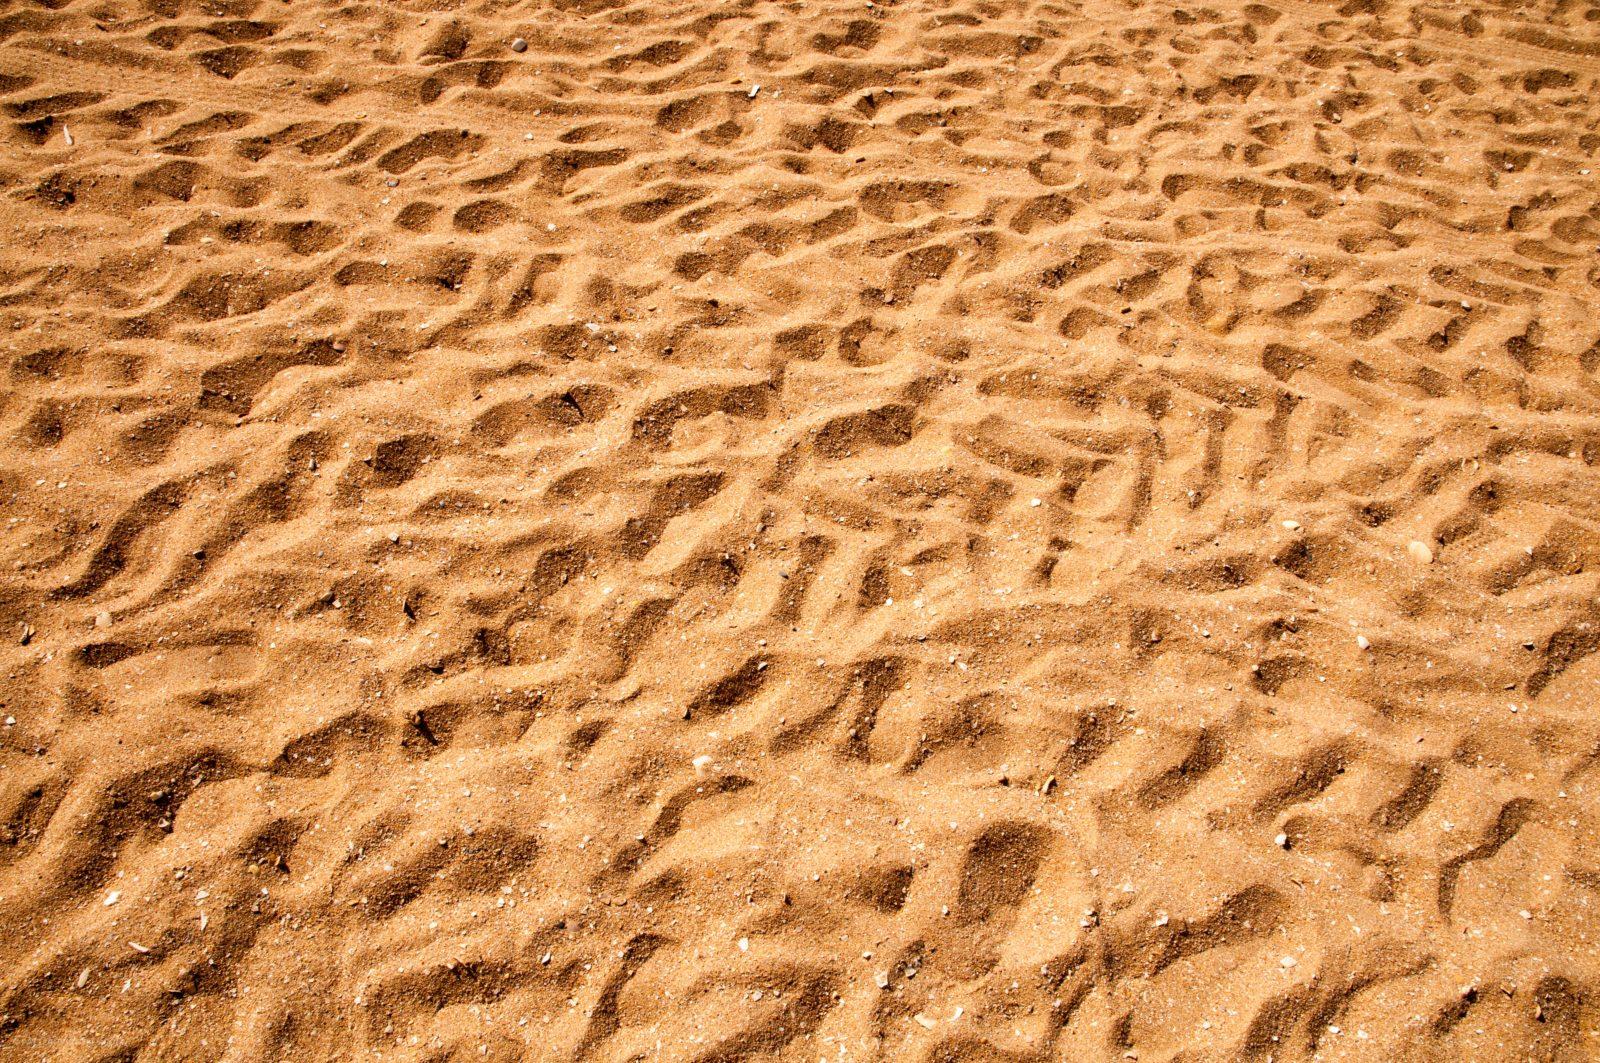 Walk on the Beach sand texture